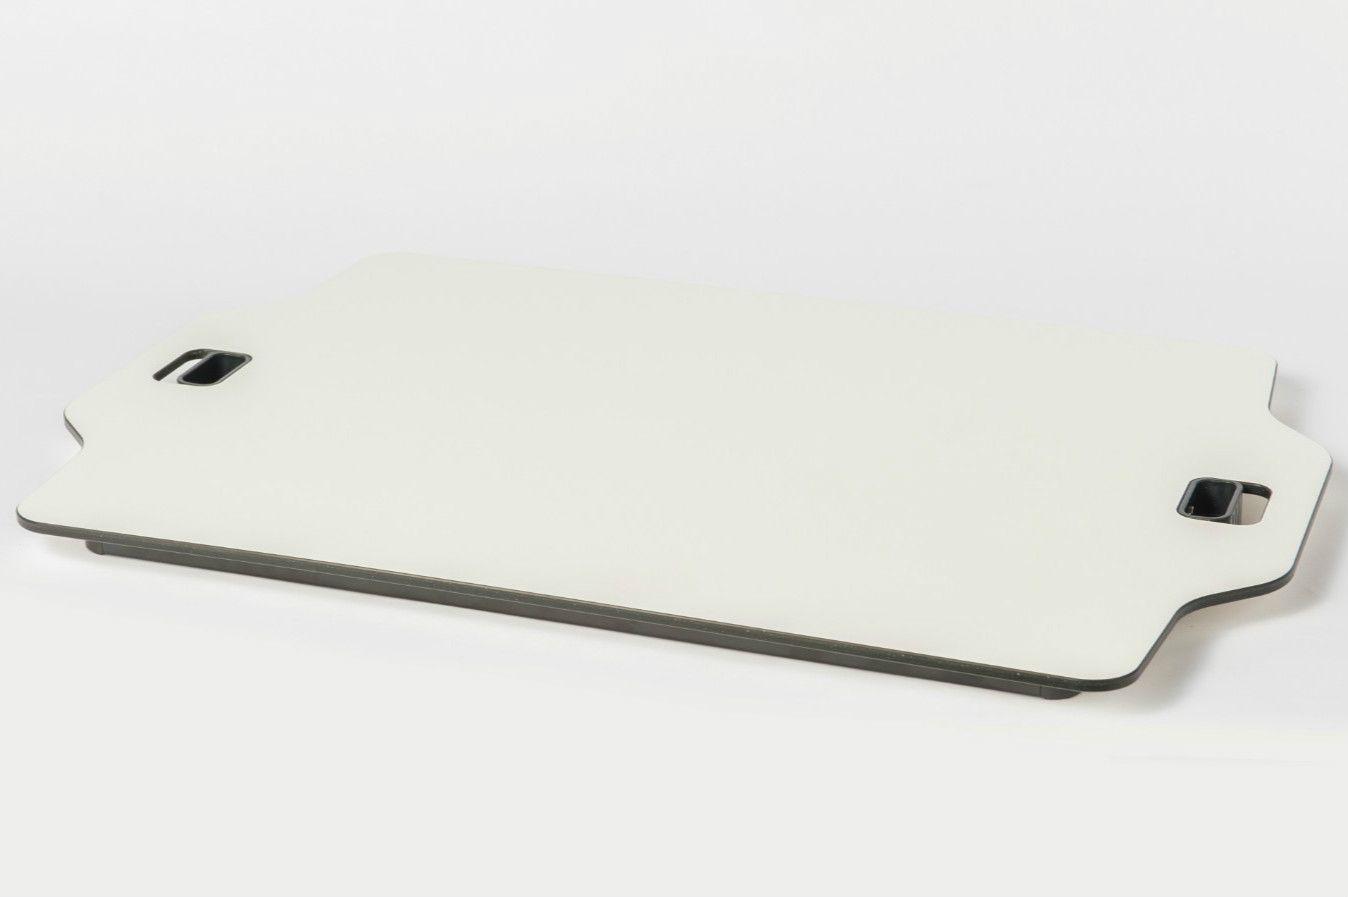 たたむと厚さ3cm。普段からデスクの上に載せたまま使える ©文藝春秋